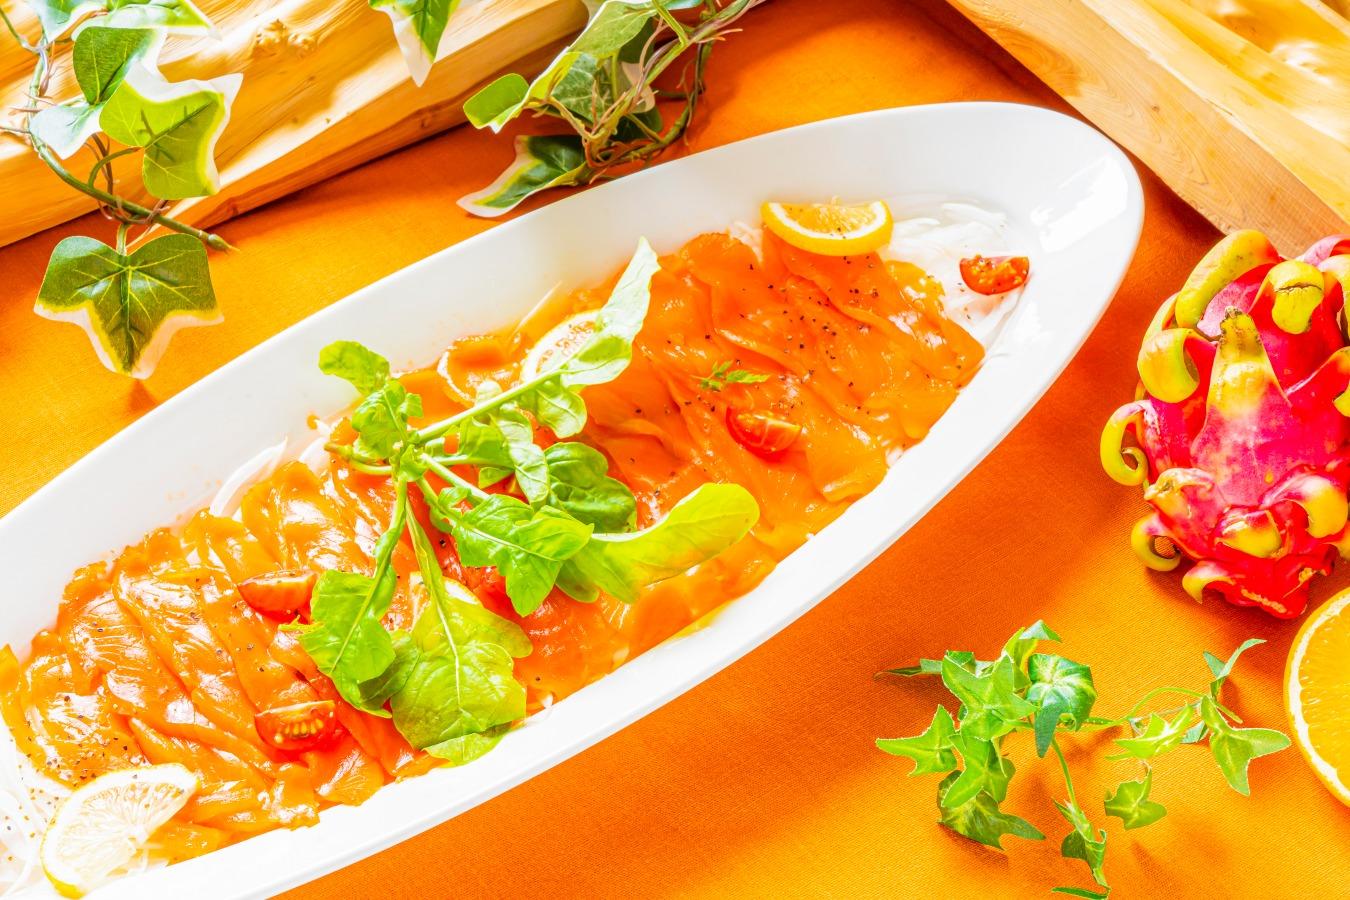 【ビュッフェ】牛肉のタリアータ付全12品!パーティ向けお手軽イタリアンプラン画像4